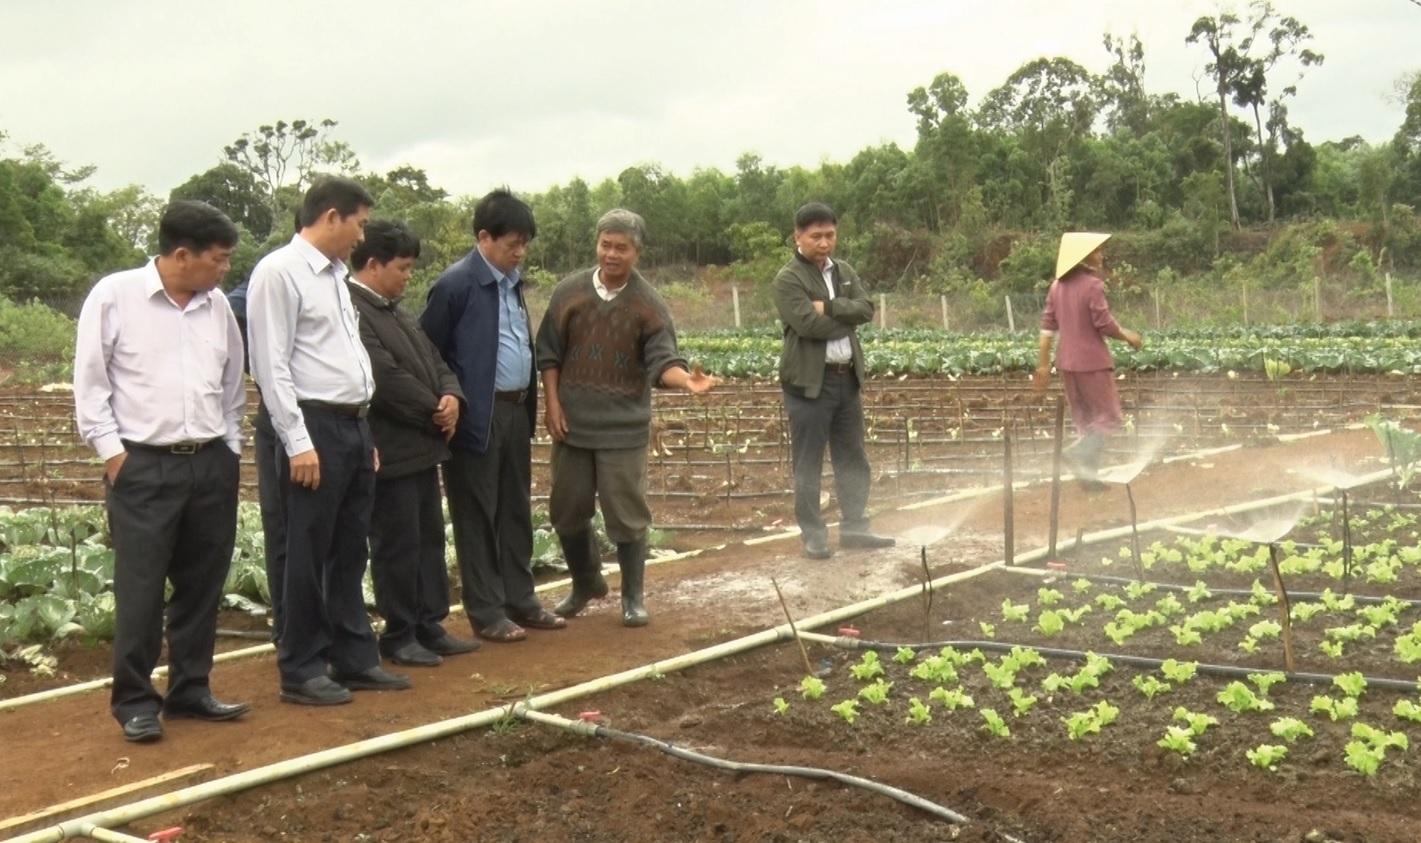 Ông Trần Châu, Phó Chủ tịch UBND tỉnh Bình Định (thứ 2 từ trái sang) thăm mô hình rau sạch trong vùng đồng bào DTTS tại xã Vĩnh Sơn, huyện Vĩnh Thạnh.